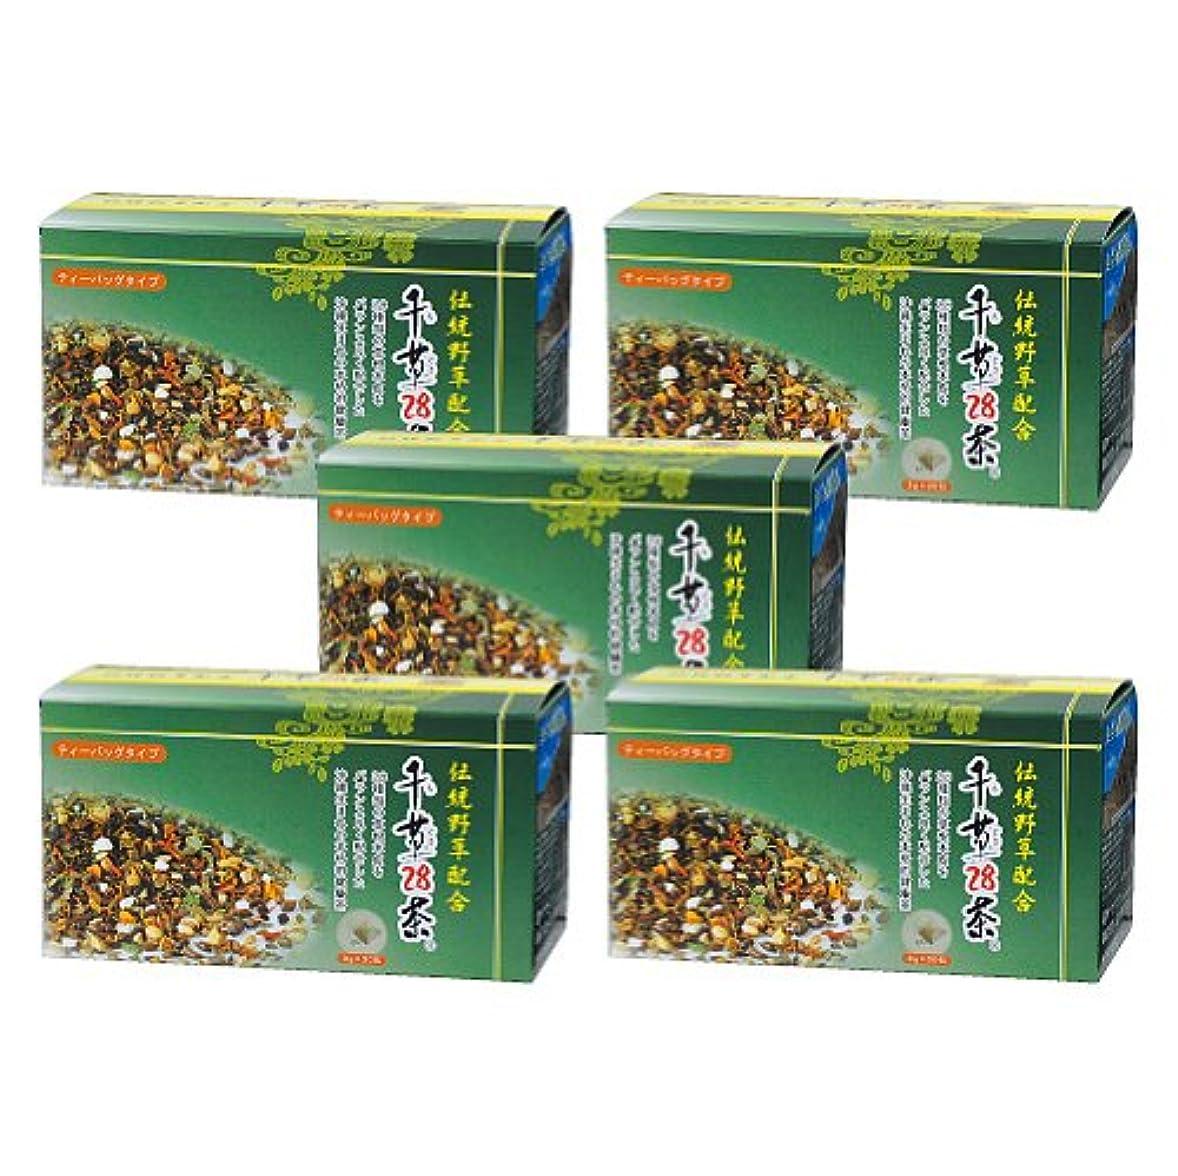 イブ薄汚いランデブー千草28茶 ティーバッグタイプ 30包×5個